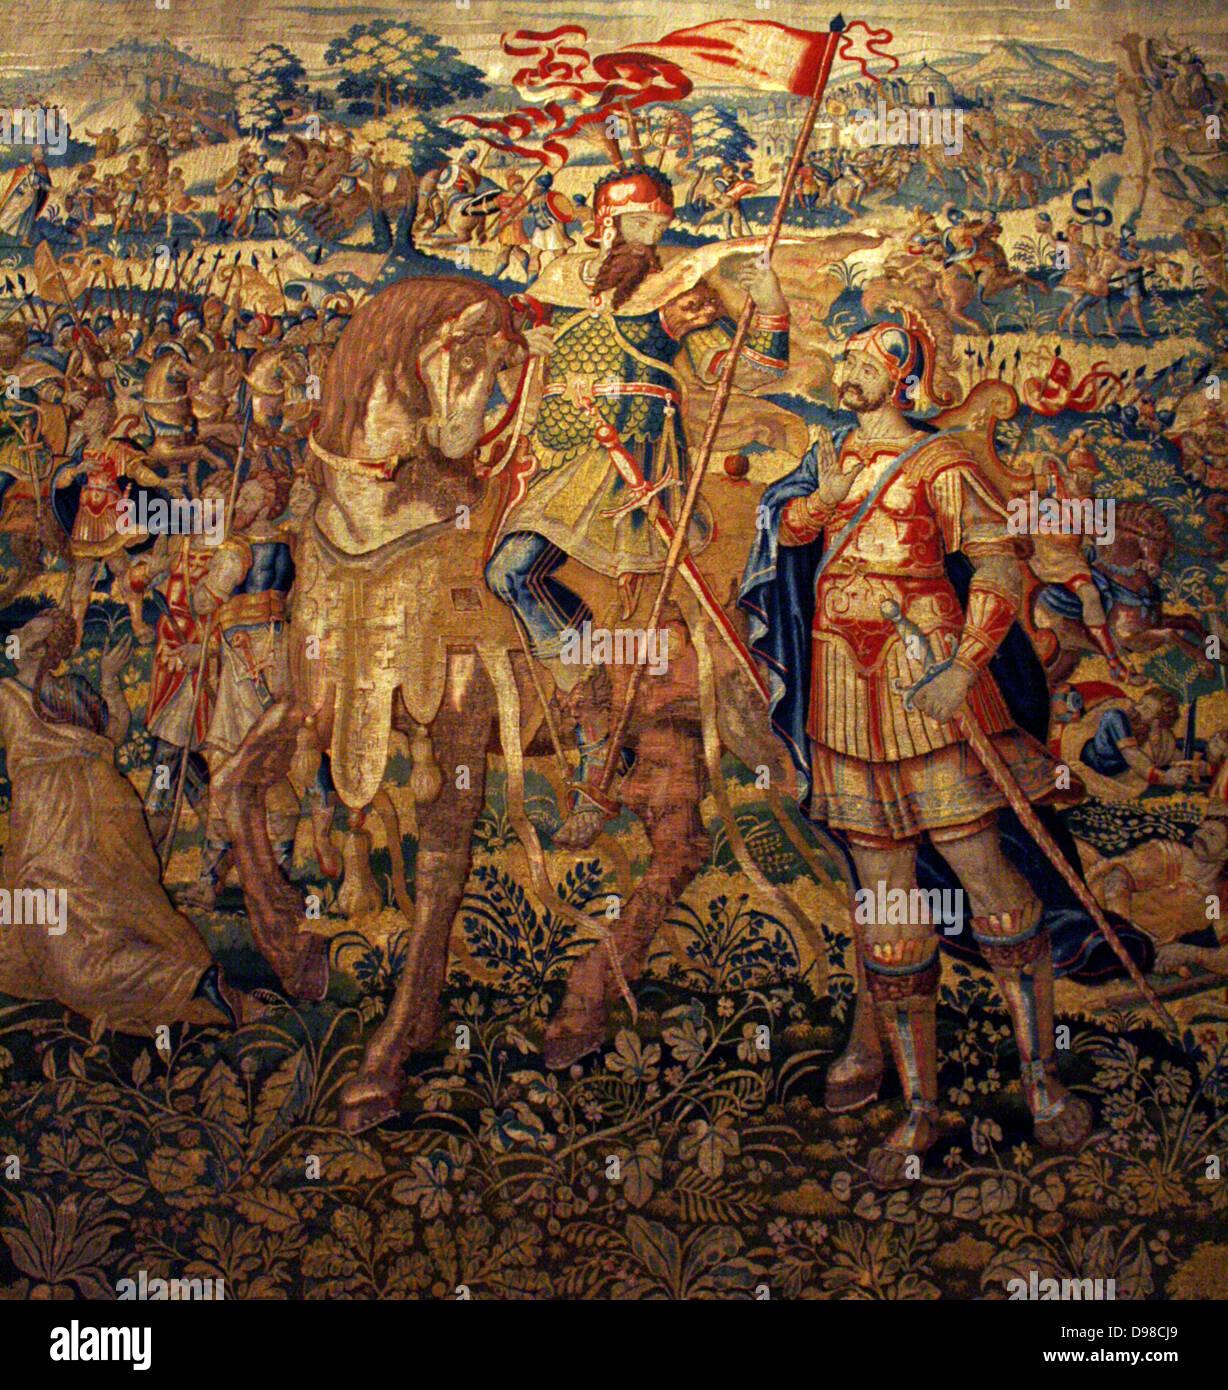 Godefroy de Bouillon. Con un diseño similar a la del rey David, este tapiz muestra el cruzado Godefroy de Bouillon Imagen De Stock